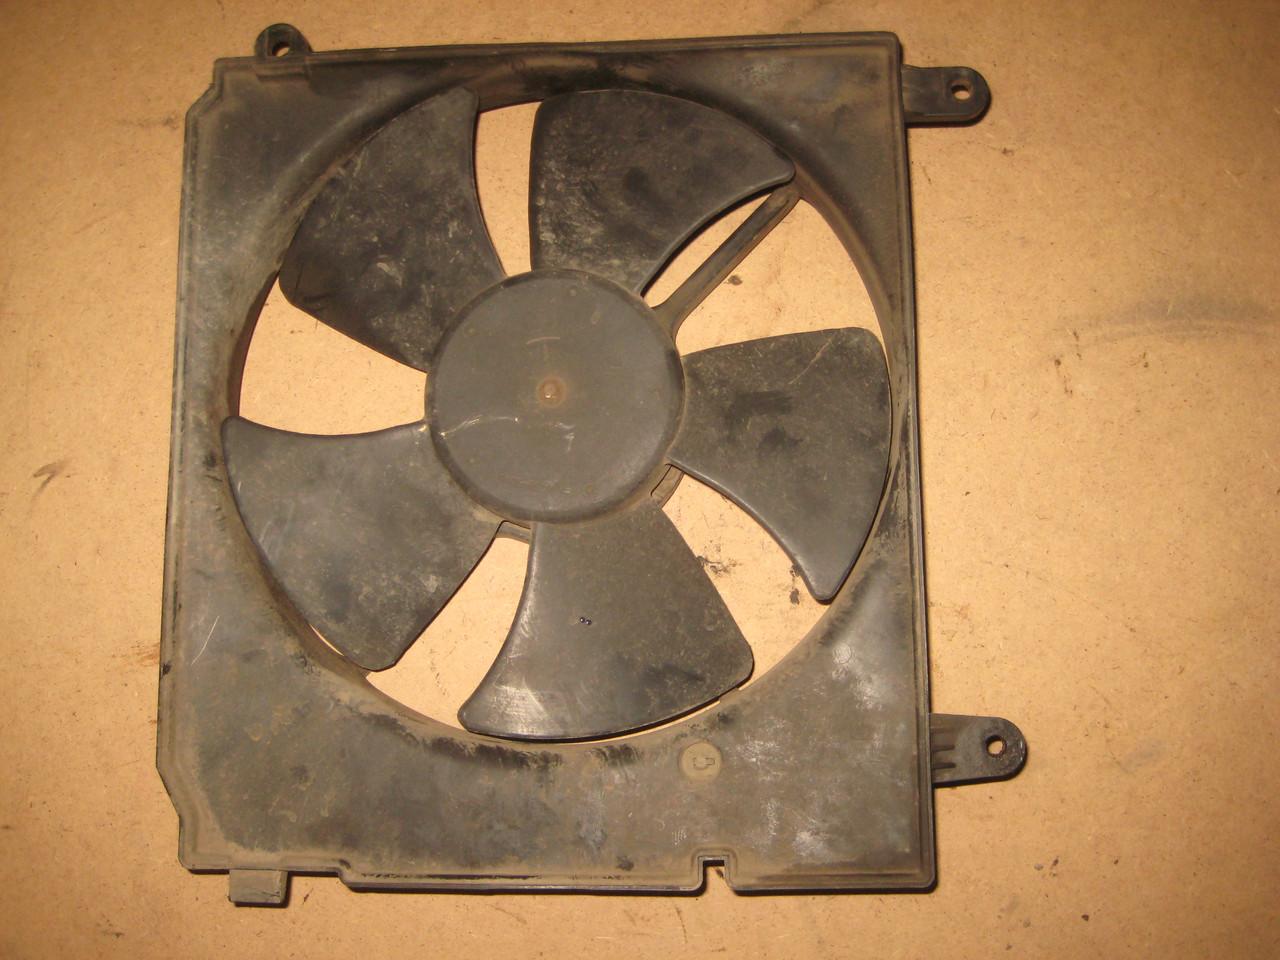 Мотор электродвигатель вентилятор радиатора + диффузор Daewoo Lanos Деу Део Ланос